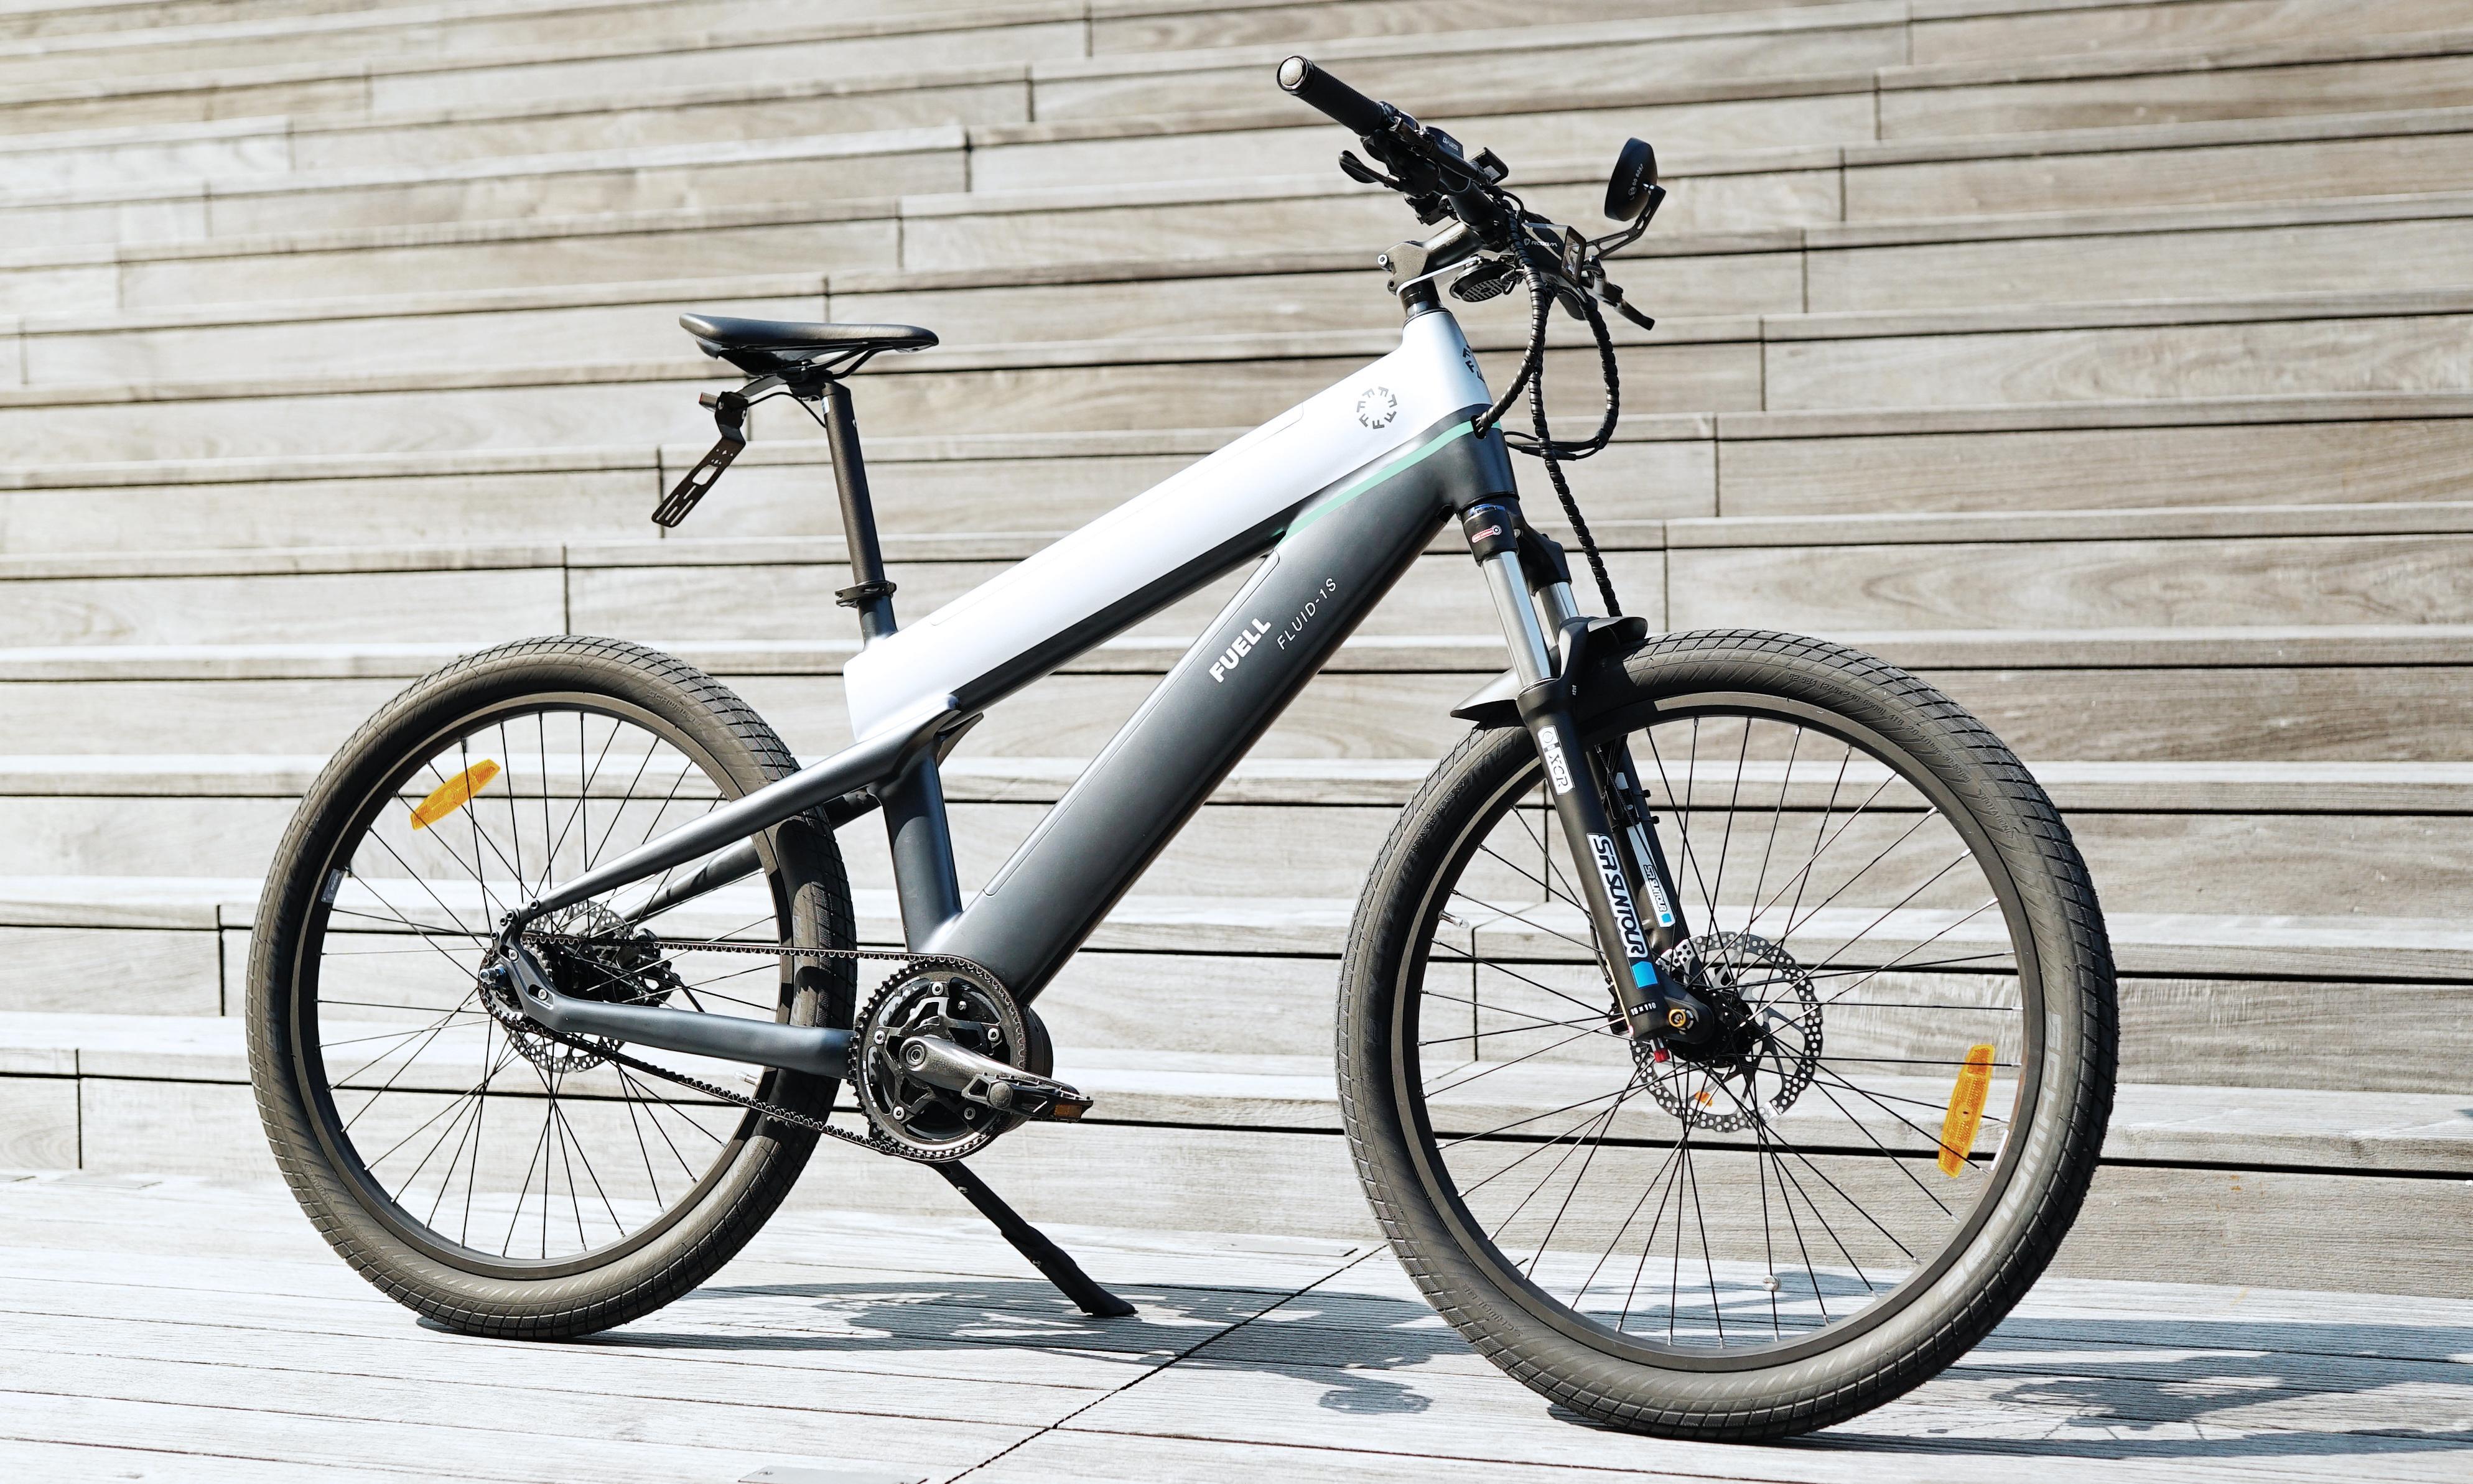 Fuell Fluid ebike: 'Turns heads in any bike lane'